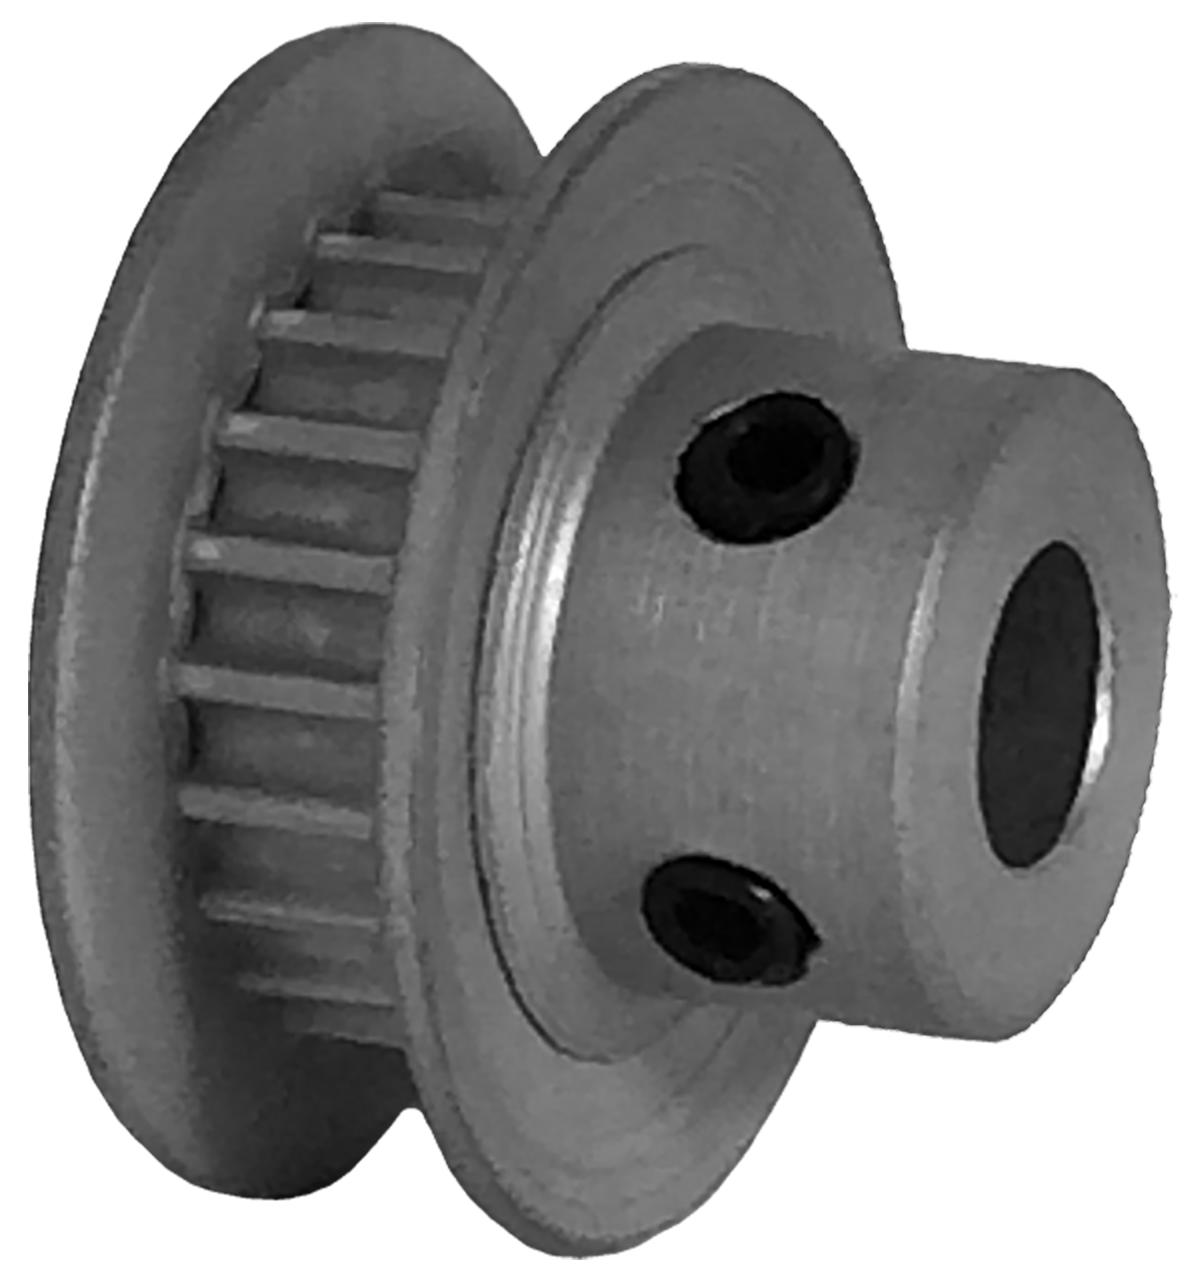 21-2P03-6FA2 - Aluminum Powerhouse® Pulleys